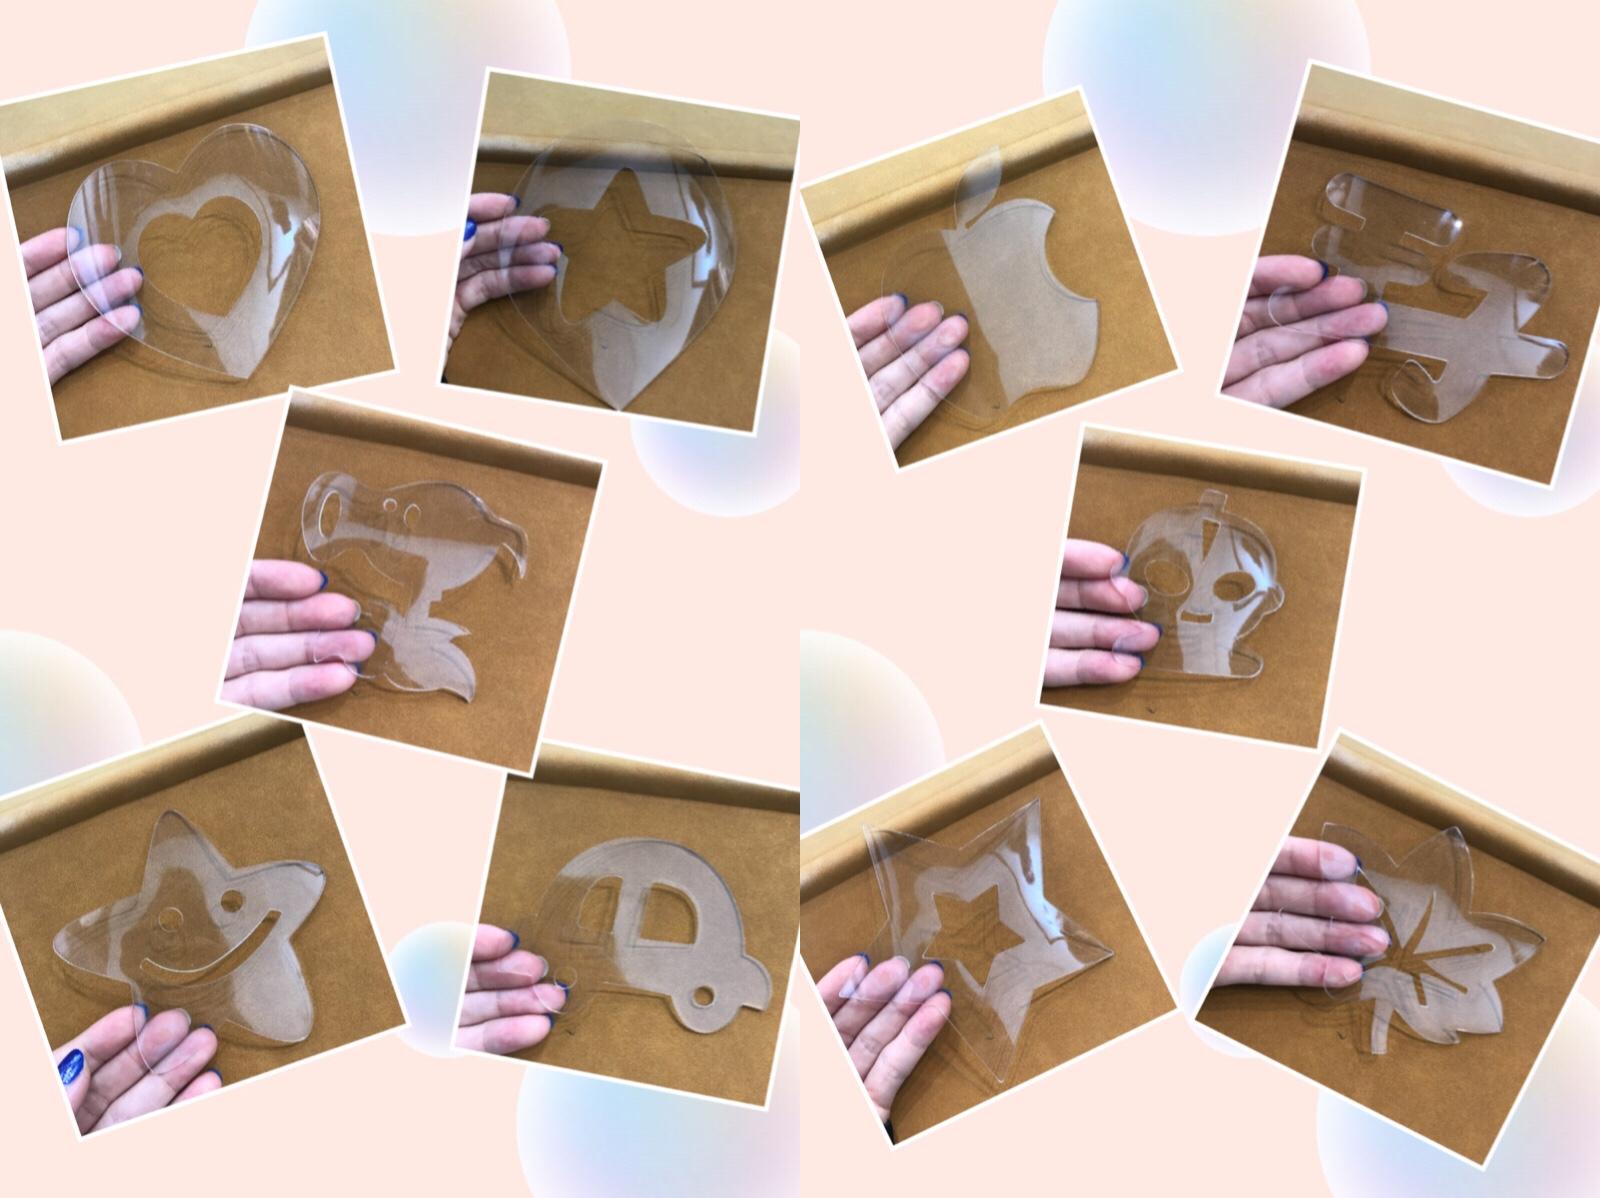 儿童理发模具原创设计图案发型雕刻造型辅助模具可以多次反复使用